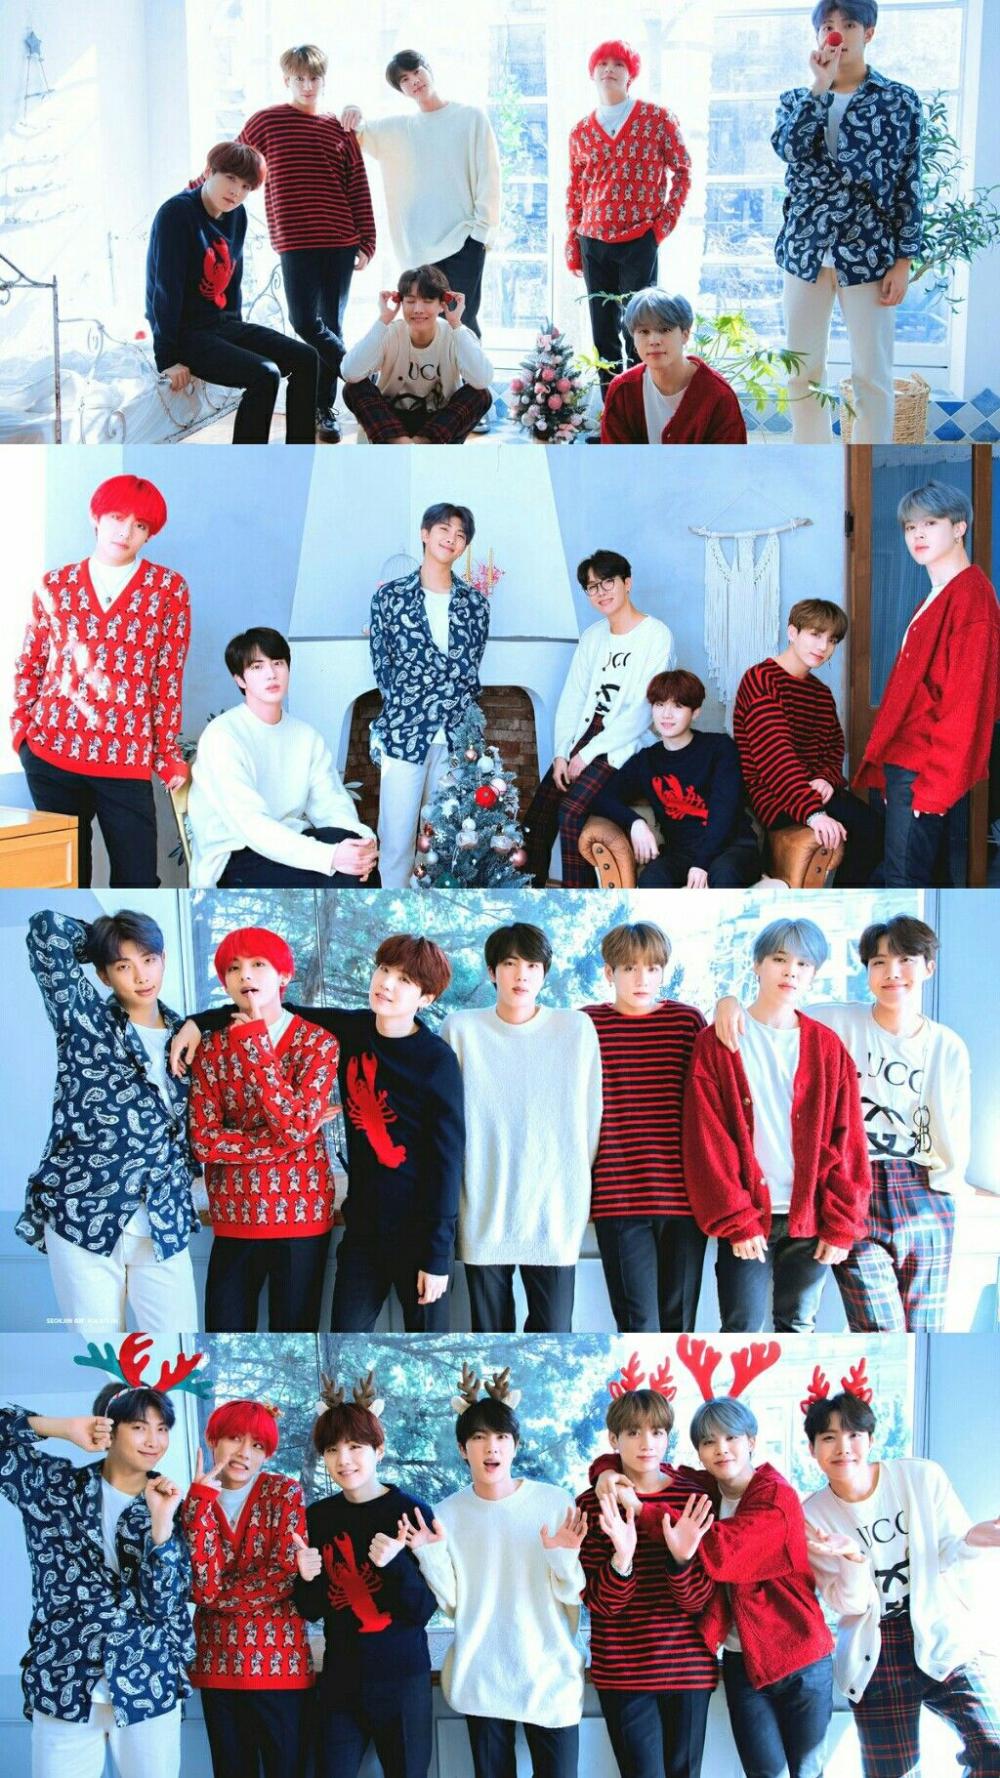 Fond D Ecran Bts Wallpaper Les Meilleures Fond D Ecran Du Monde De La Kpop Kpop Bts Coree Euror Fond D Ecran Bts Bts Fond D Ecran Kpop